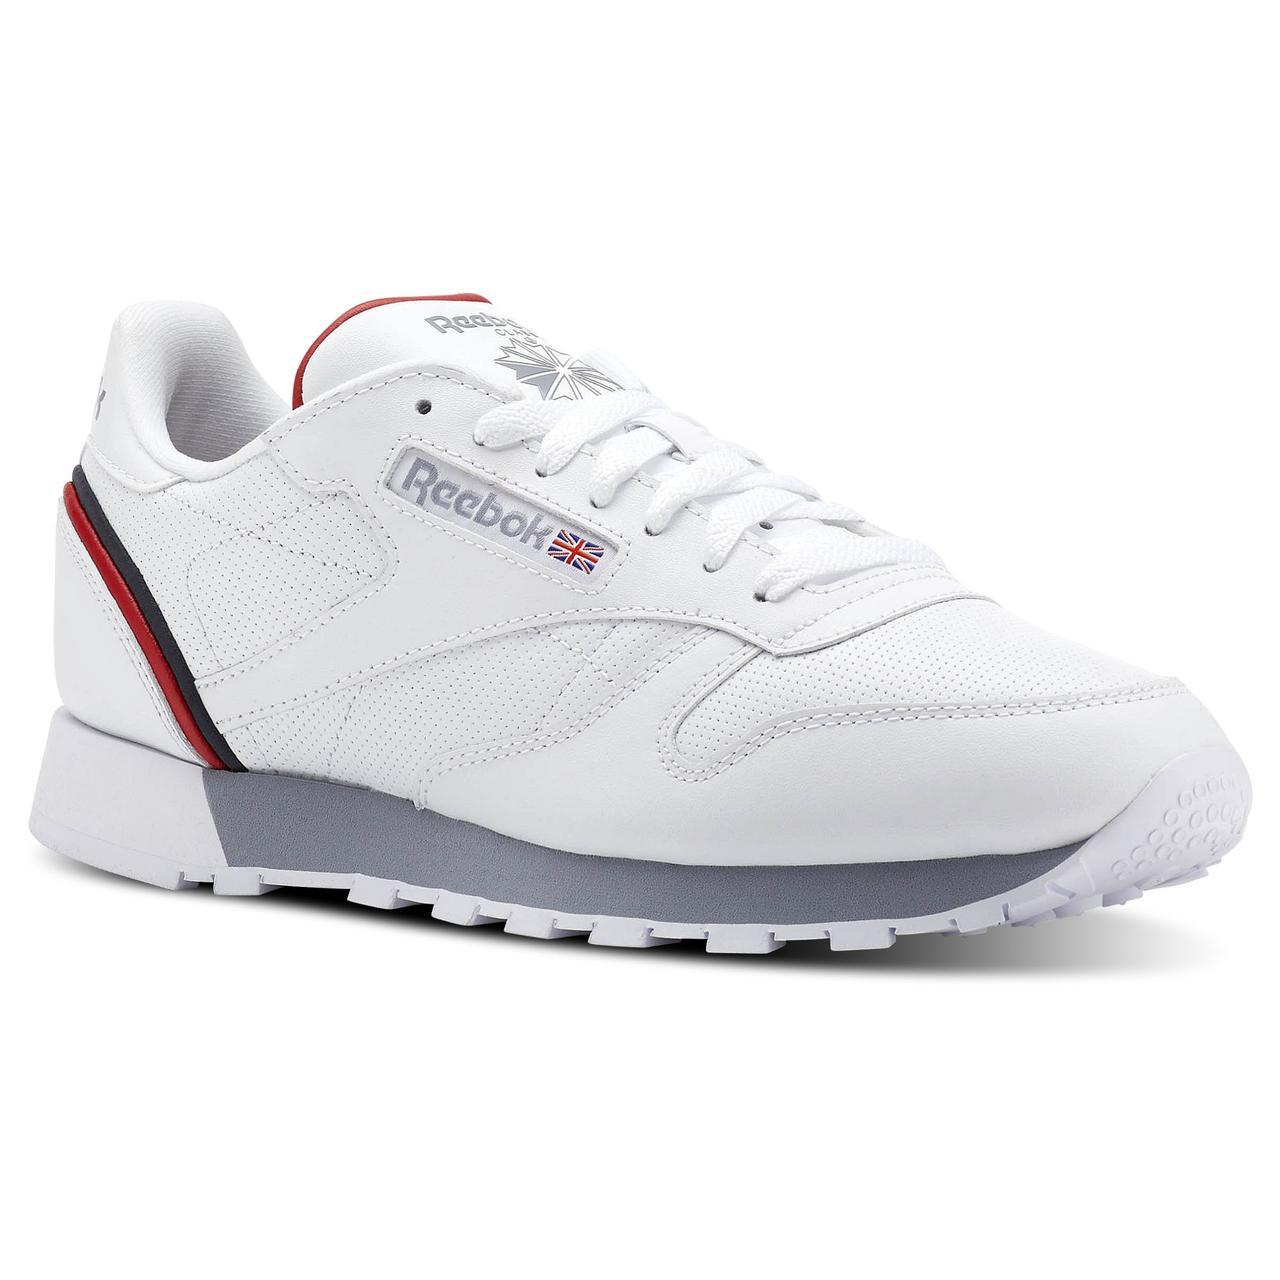 Мужские кроссовки Reebok Classic Leather (Артикул: CN3641)